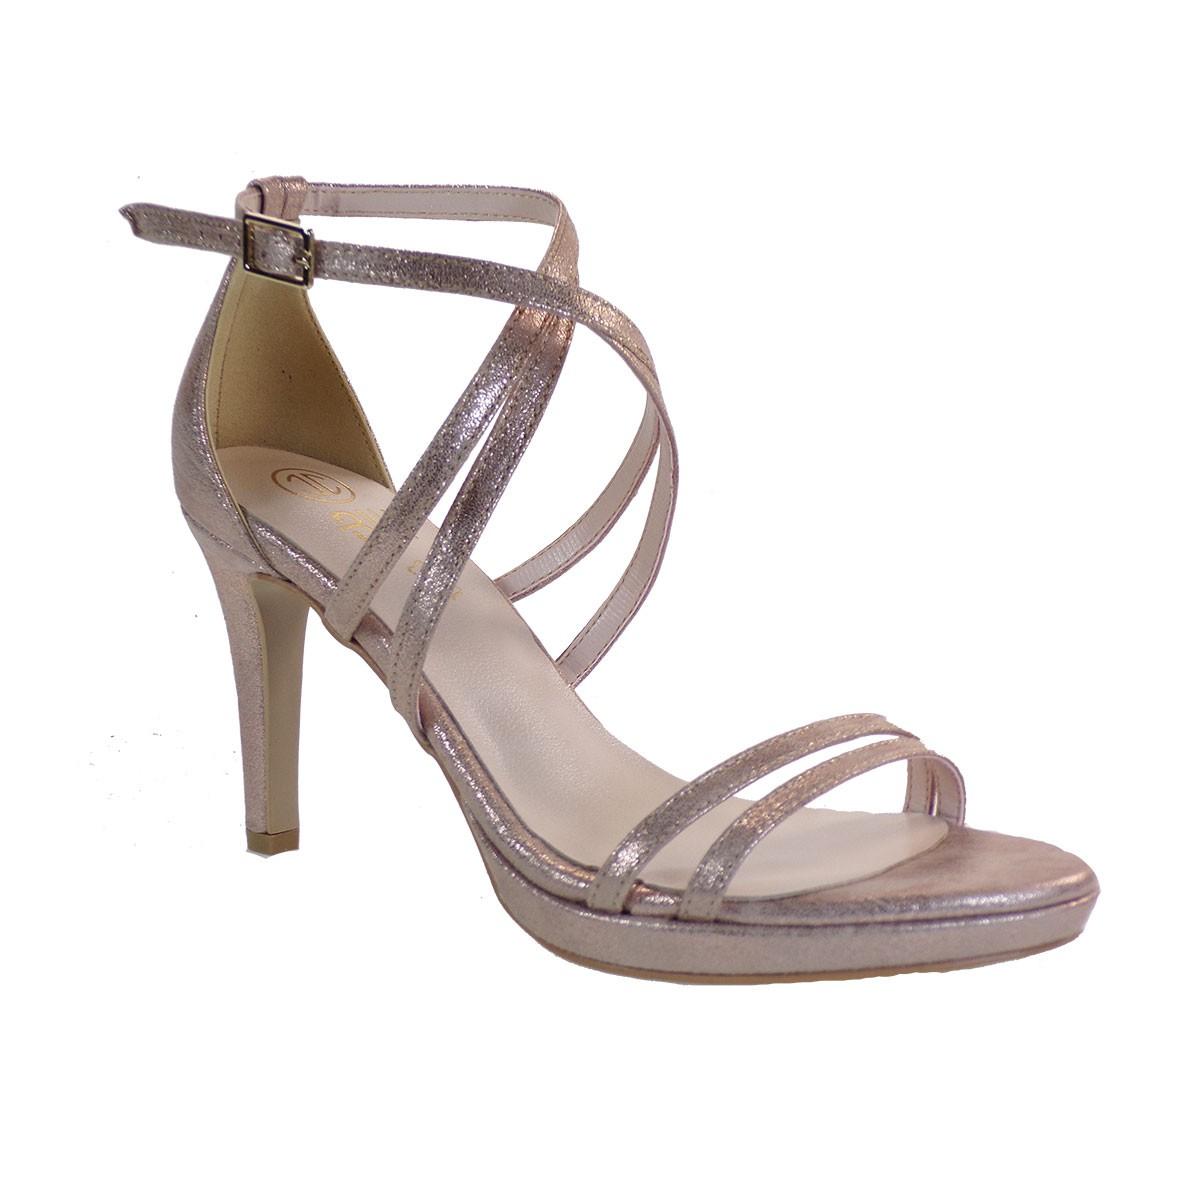 Katia Shoes Γυναικεία Παπούτσια Πέδιλα A16-4967 Χαλκός Χιονέ